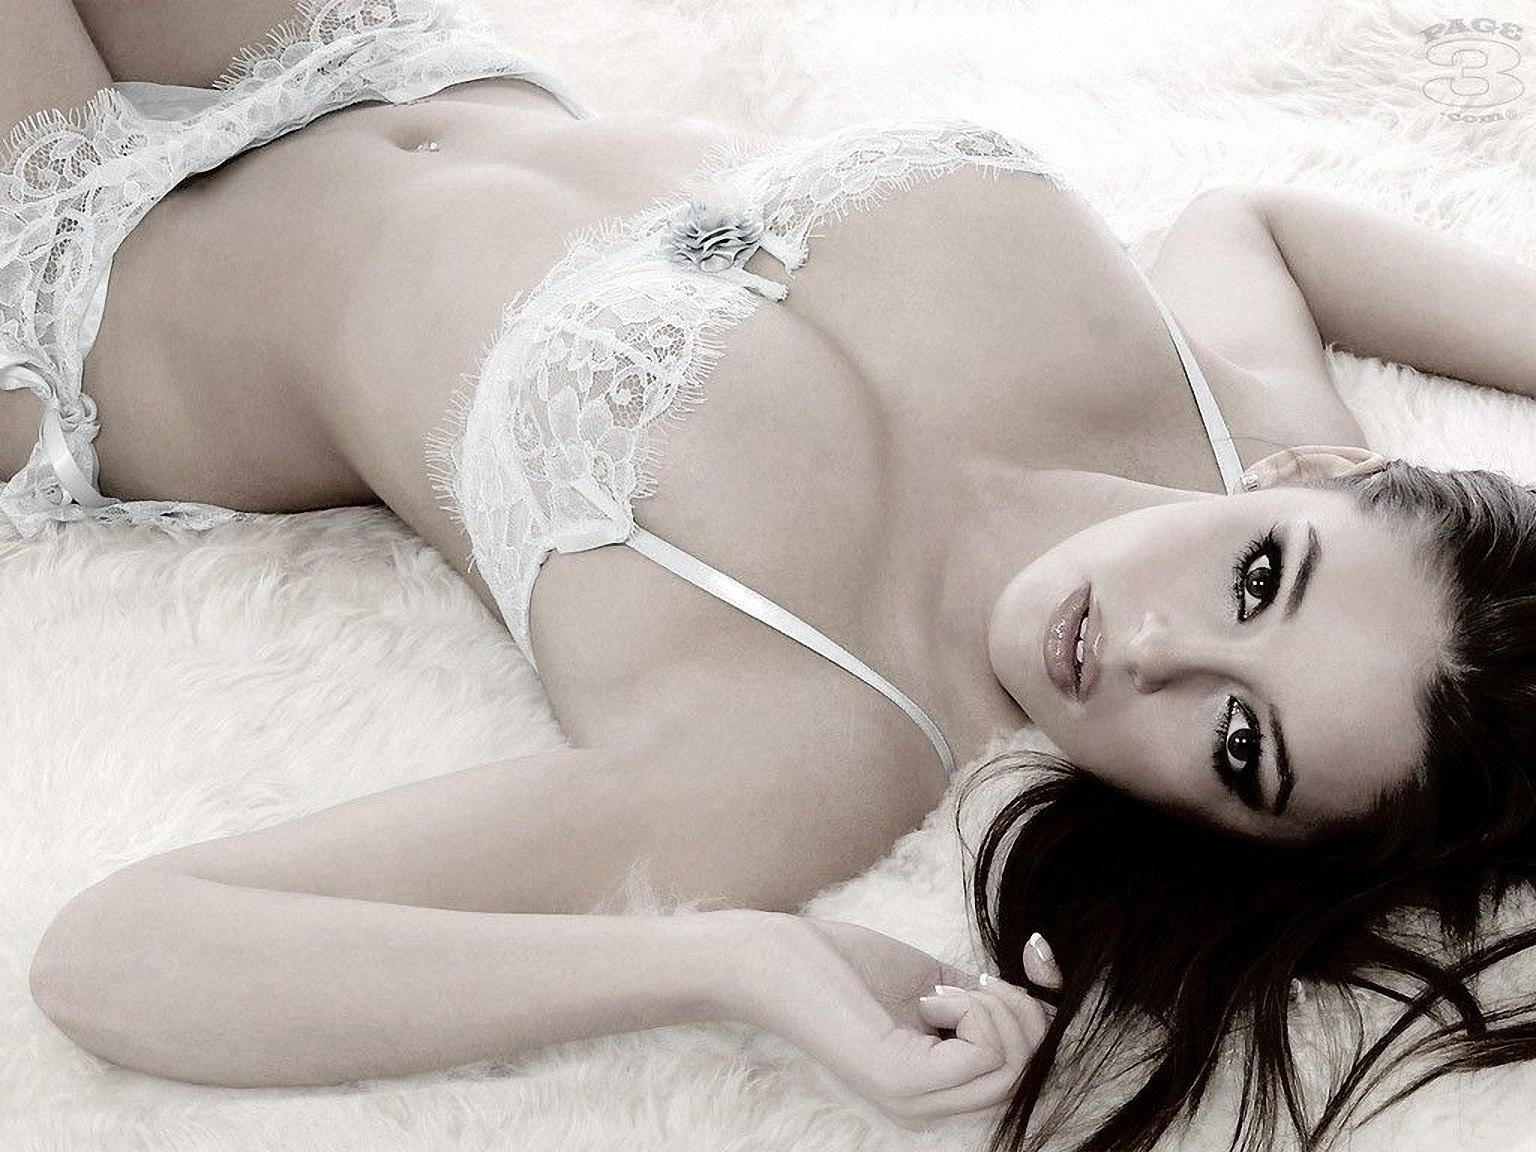 Эротика девушки белье, Голые в нижнем белье на фото - полу обнаженные 9 фотография